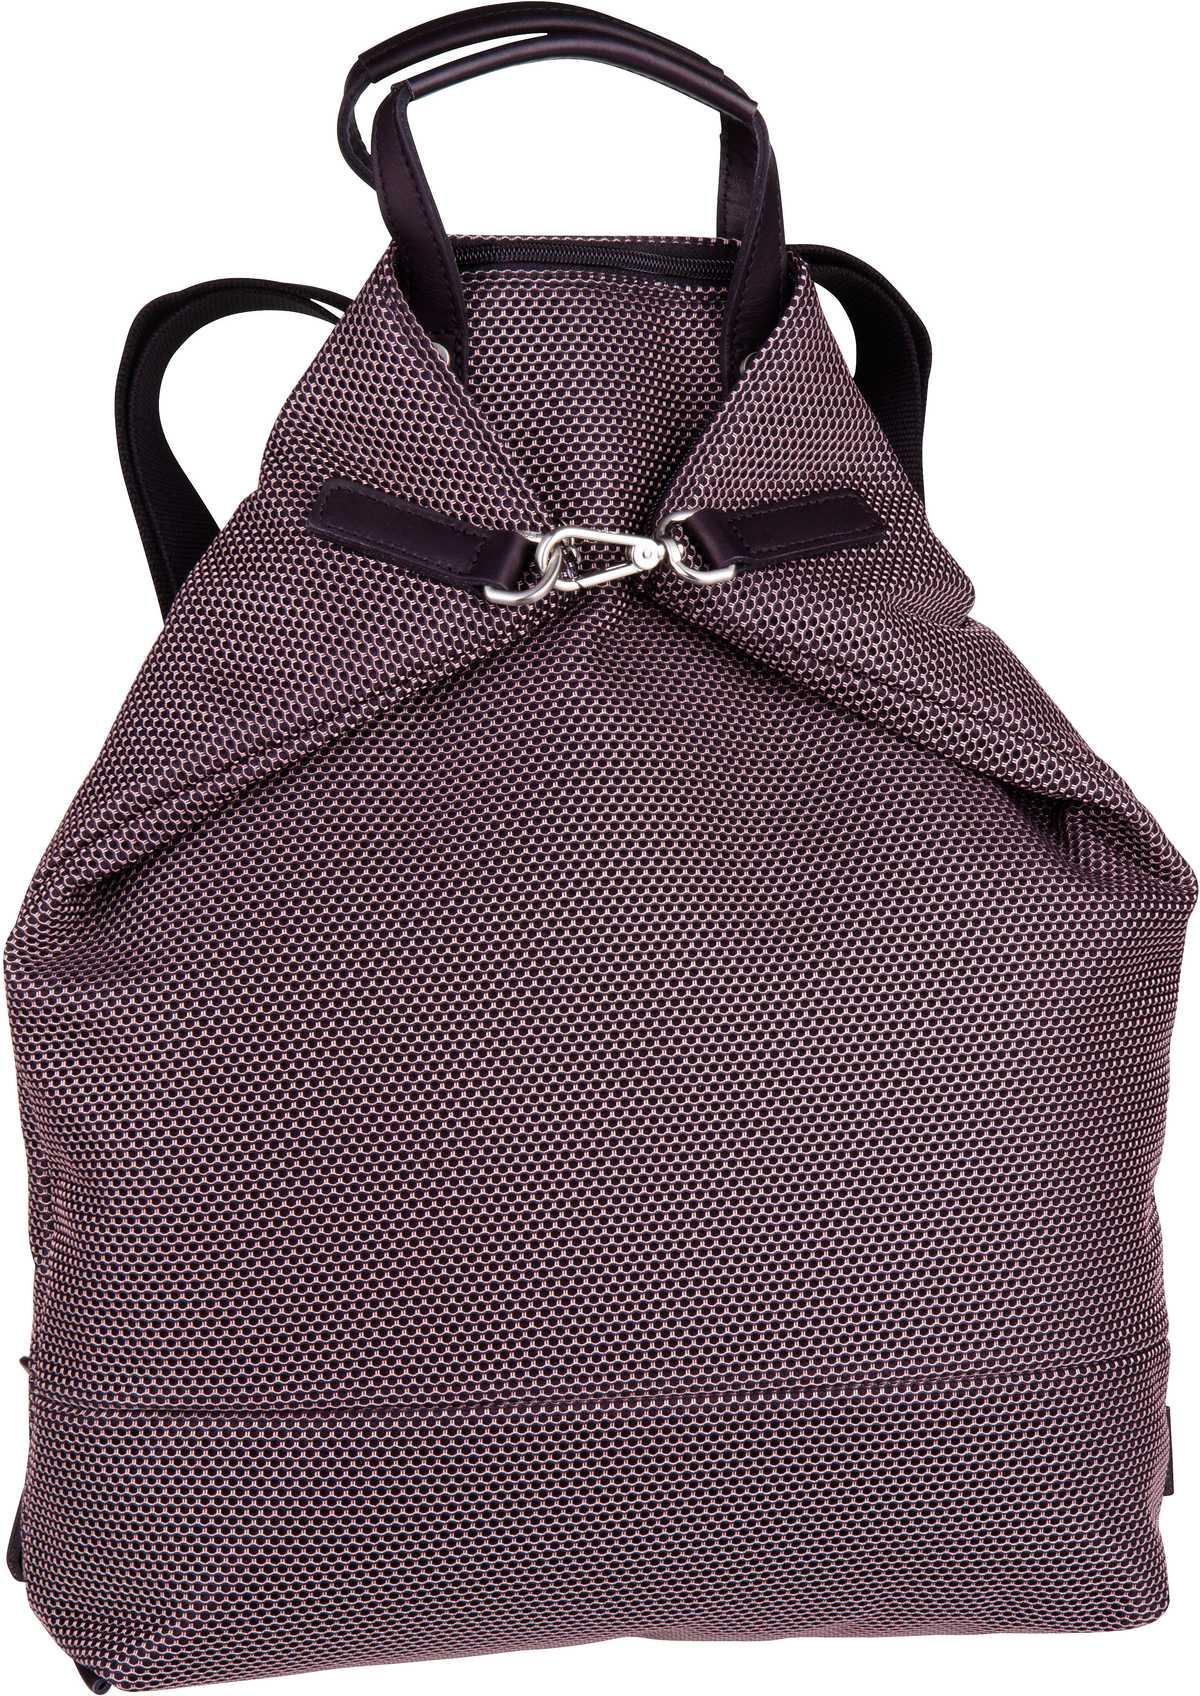 Rucksack / Daypack Mesh 6170 X-Change 3in1 Bag M Rosewood